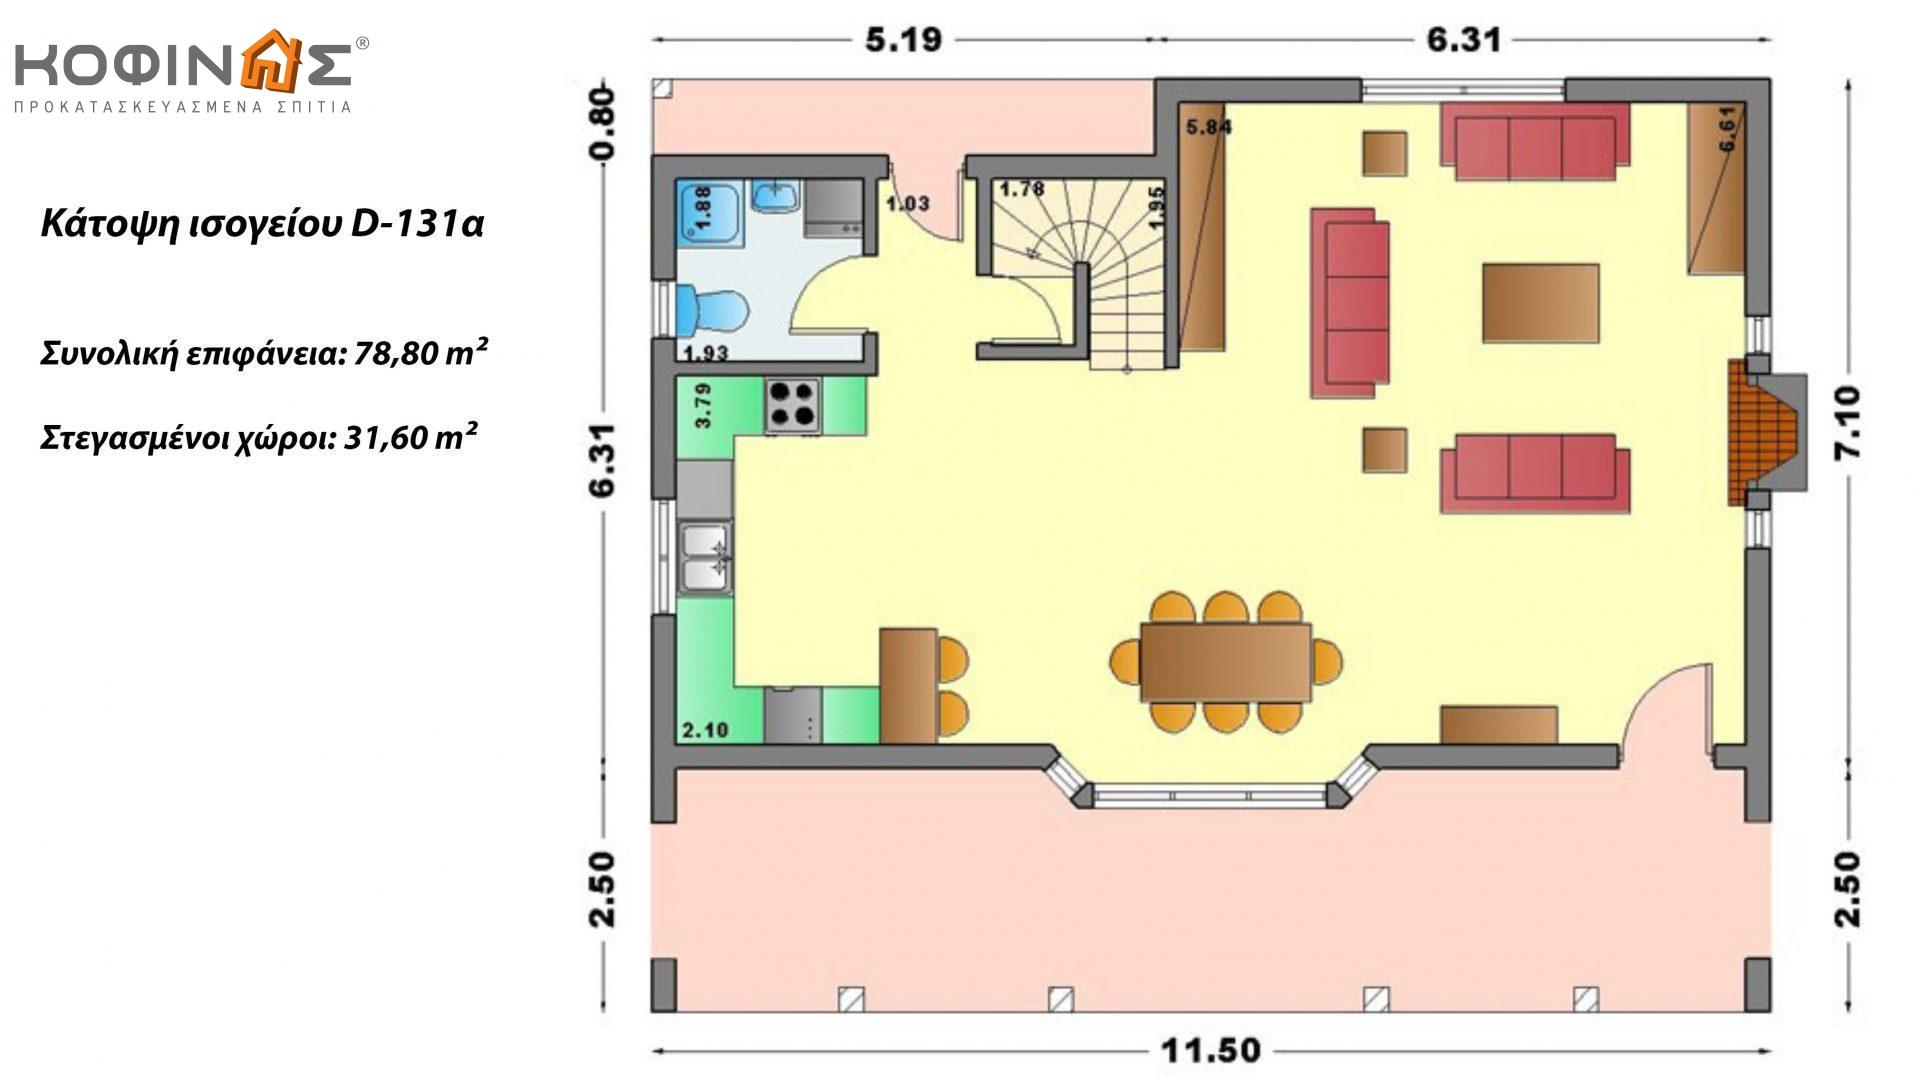 Διώροφη Κατοικία D-131a, συνολικής επιφάνειας 131,50 τ.μ.